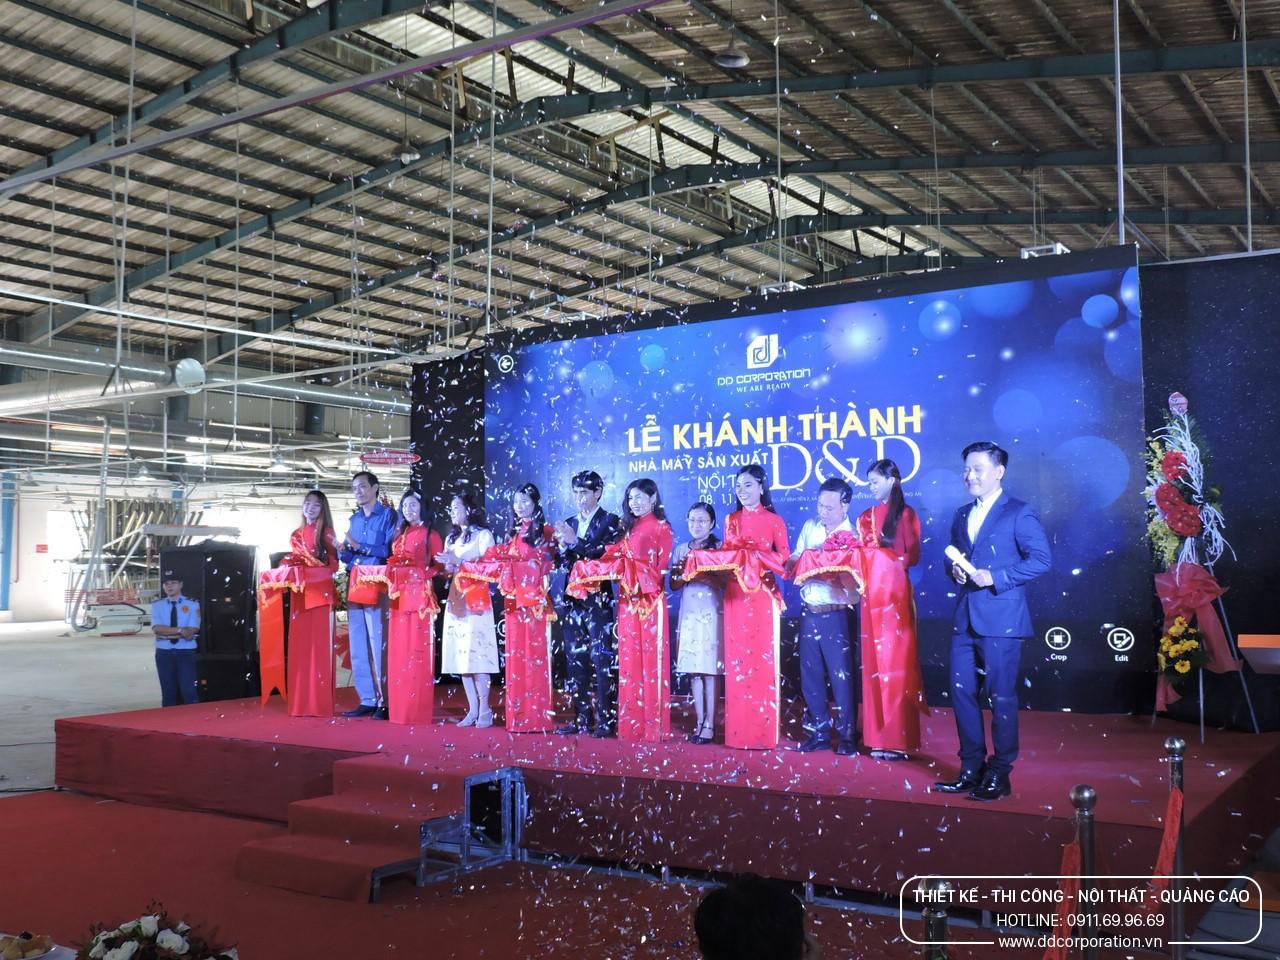 Lễ khánh thành Nhà máy sản xuất nội thất D và D